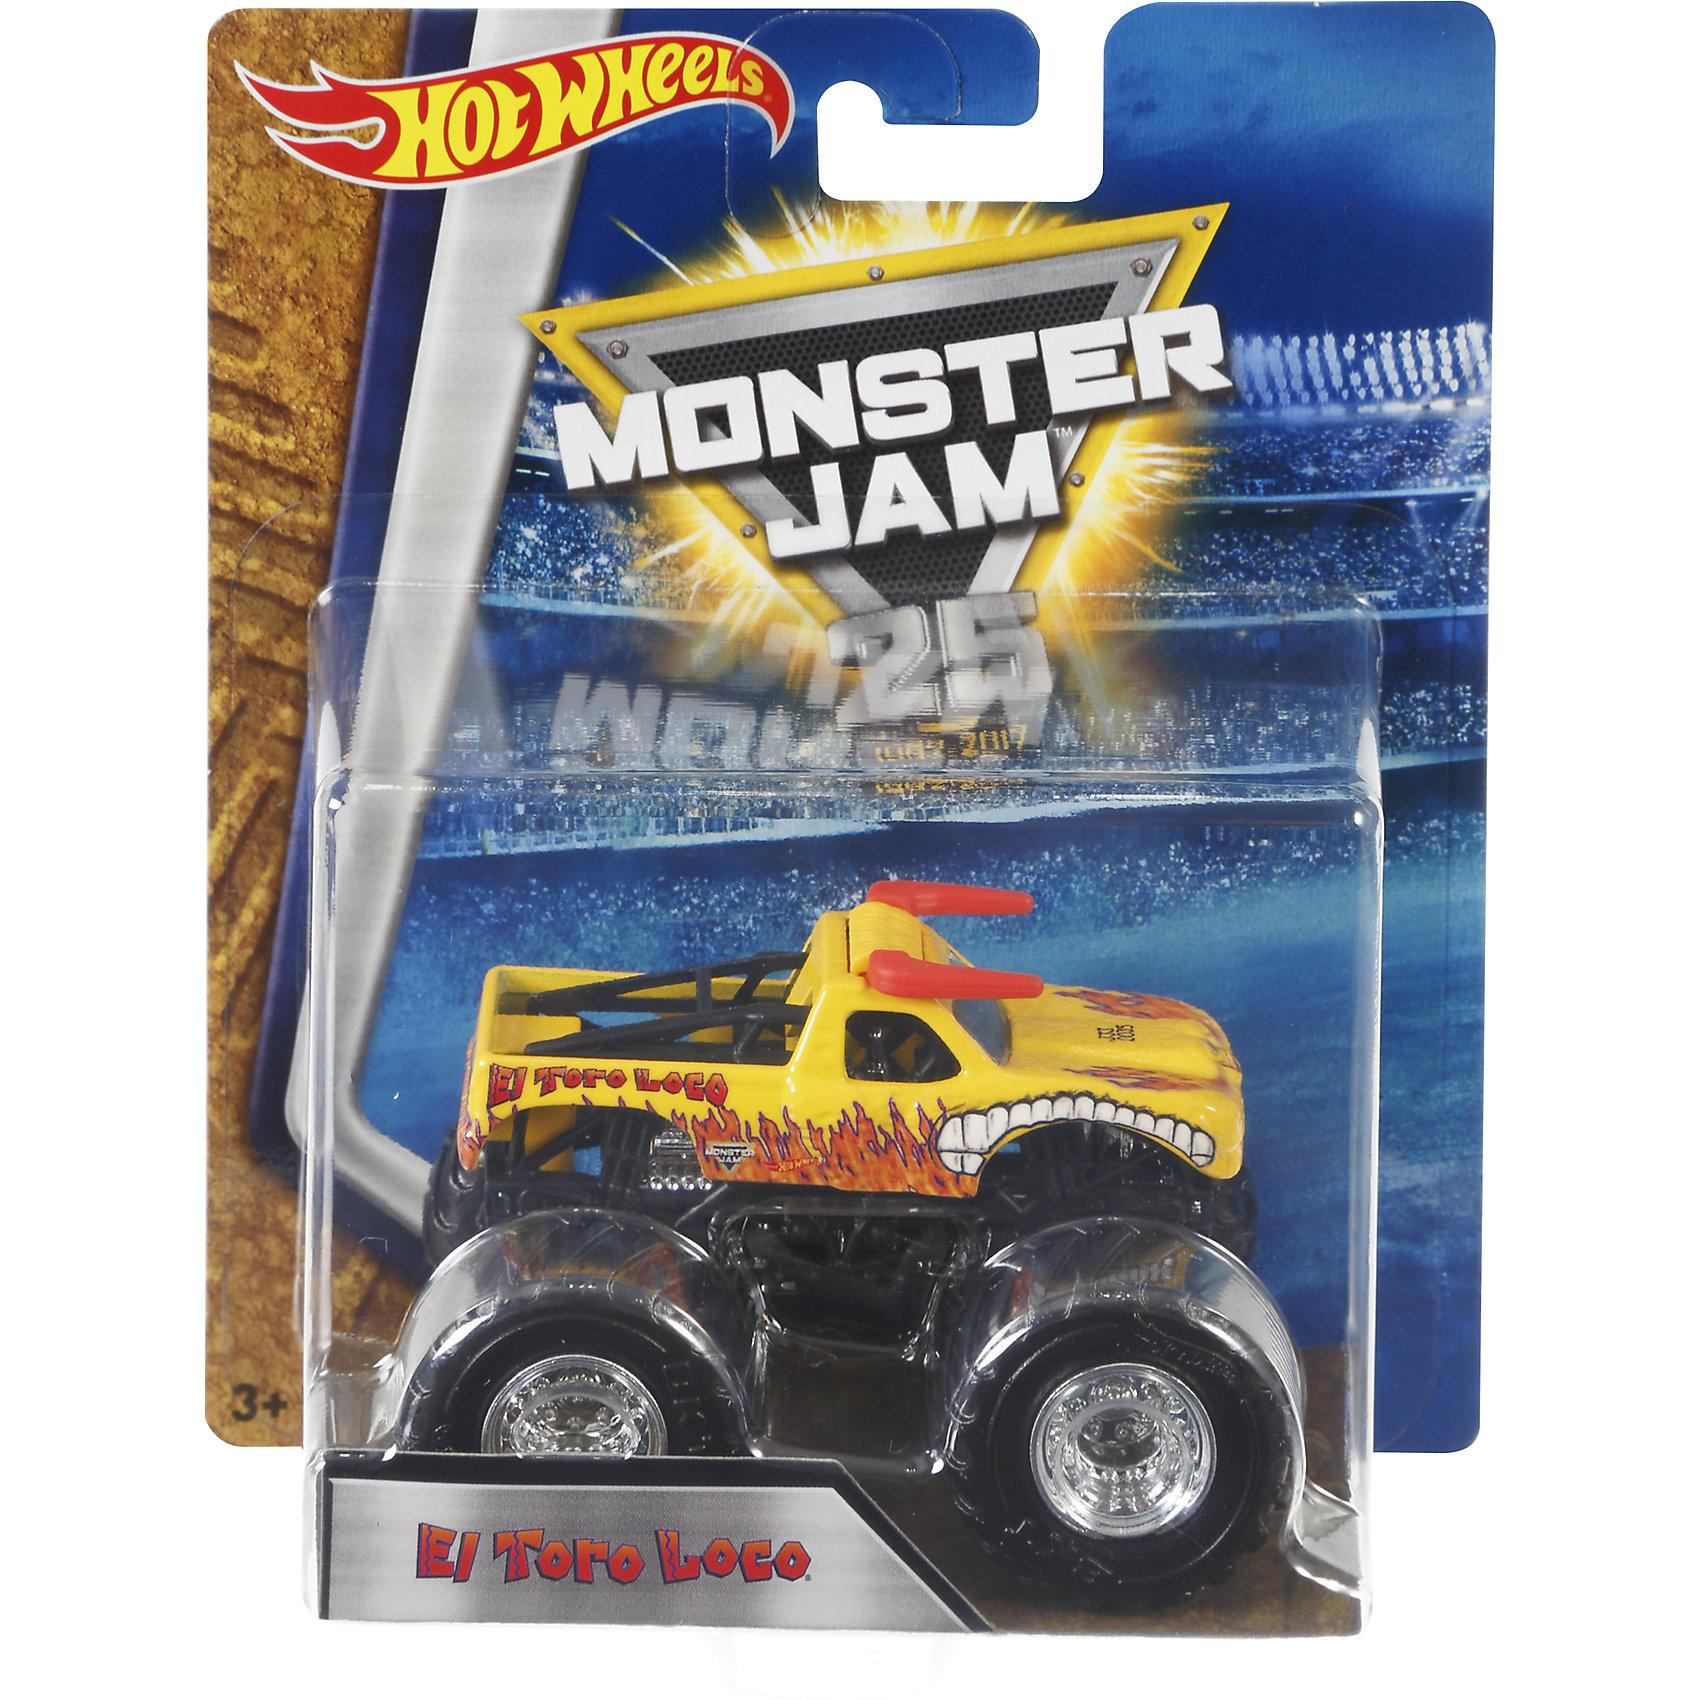 Машинка 1:64,  Monster Jam, Hot WheelsХарактеристики игрушечной машинки Хот Вилс:<br><br>• серия: Monster Jam;<br>• масштаб: 1:64;<br>• литой корпус;<br>• хромированные диски;<br>• проходимость колес; <br>• длина машинки: 8,5 см;<br>• размер упаковки: 17,5х14х7,5 см;<br>• вес в упаковке: 115 г.<br><br>Игрушечная модель машинки Hot Wheels на мощных колесах большого диаметра отличается высокой проходимостью, претендует на первенство в гонках, имеет литой корпус. Комбинированное использования пластика и металла делает машинку прочной и устойчивой к ударам и падениям. Тюнинг трюкового внедорожника Monster Jam соответствует пожеланиям юных коллекционеров линейки автомобилей Hot Wheels. <br><br>Машинку 1:64, Monster Jam, Hot Wheels можно купить в нашем интернет-магазине.<br><br>Ширина мм: 65<br>Глубина мм: 140<br>Высота мм: 175<br>Вес г: 130<br>Возраст от месяцев: 36<br>Возраст до месяцев: 84<br>Пол: Мужской<br>Возраст: Детский<br>SKU: 5285005